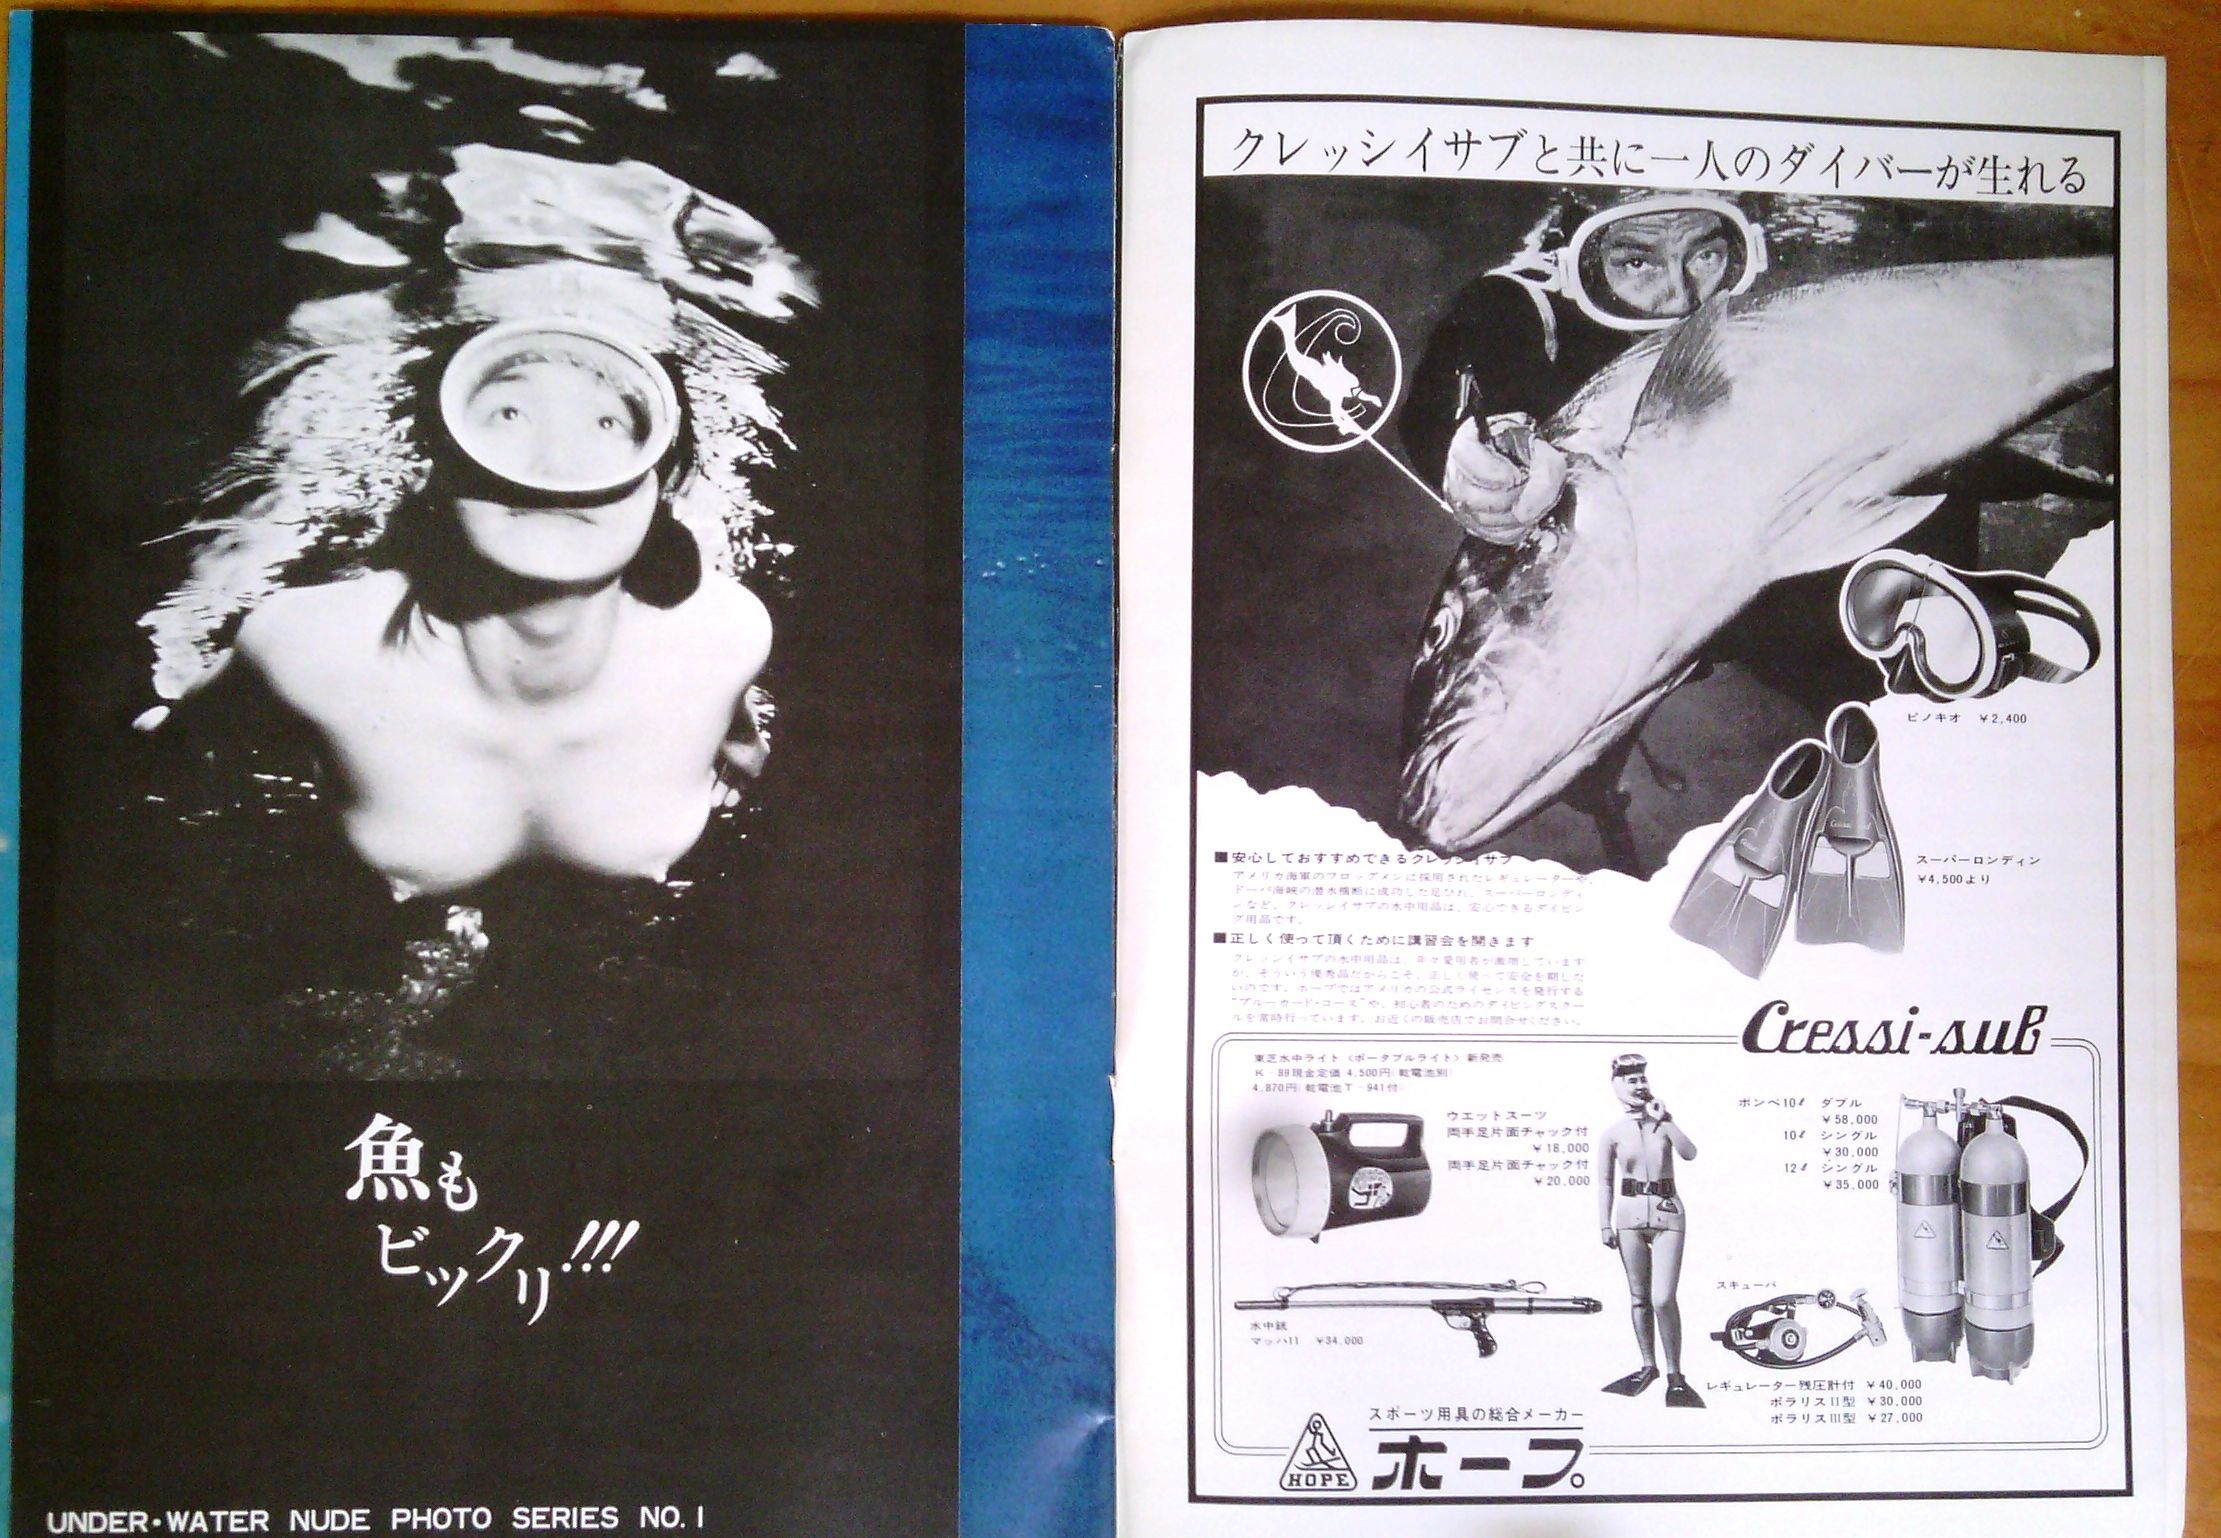 0323  ダイビングの歴史56  マリンダイビング創刊1969_b0075059_14210346.jpg